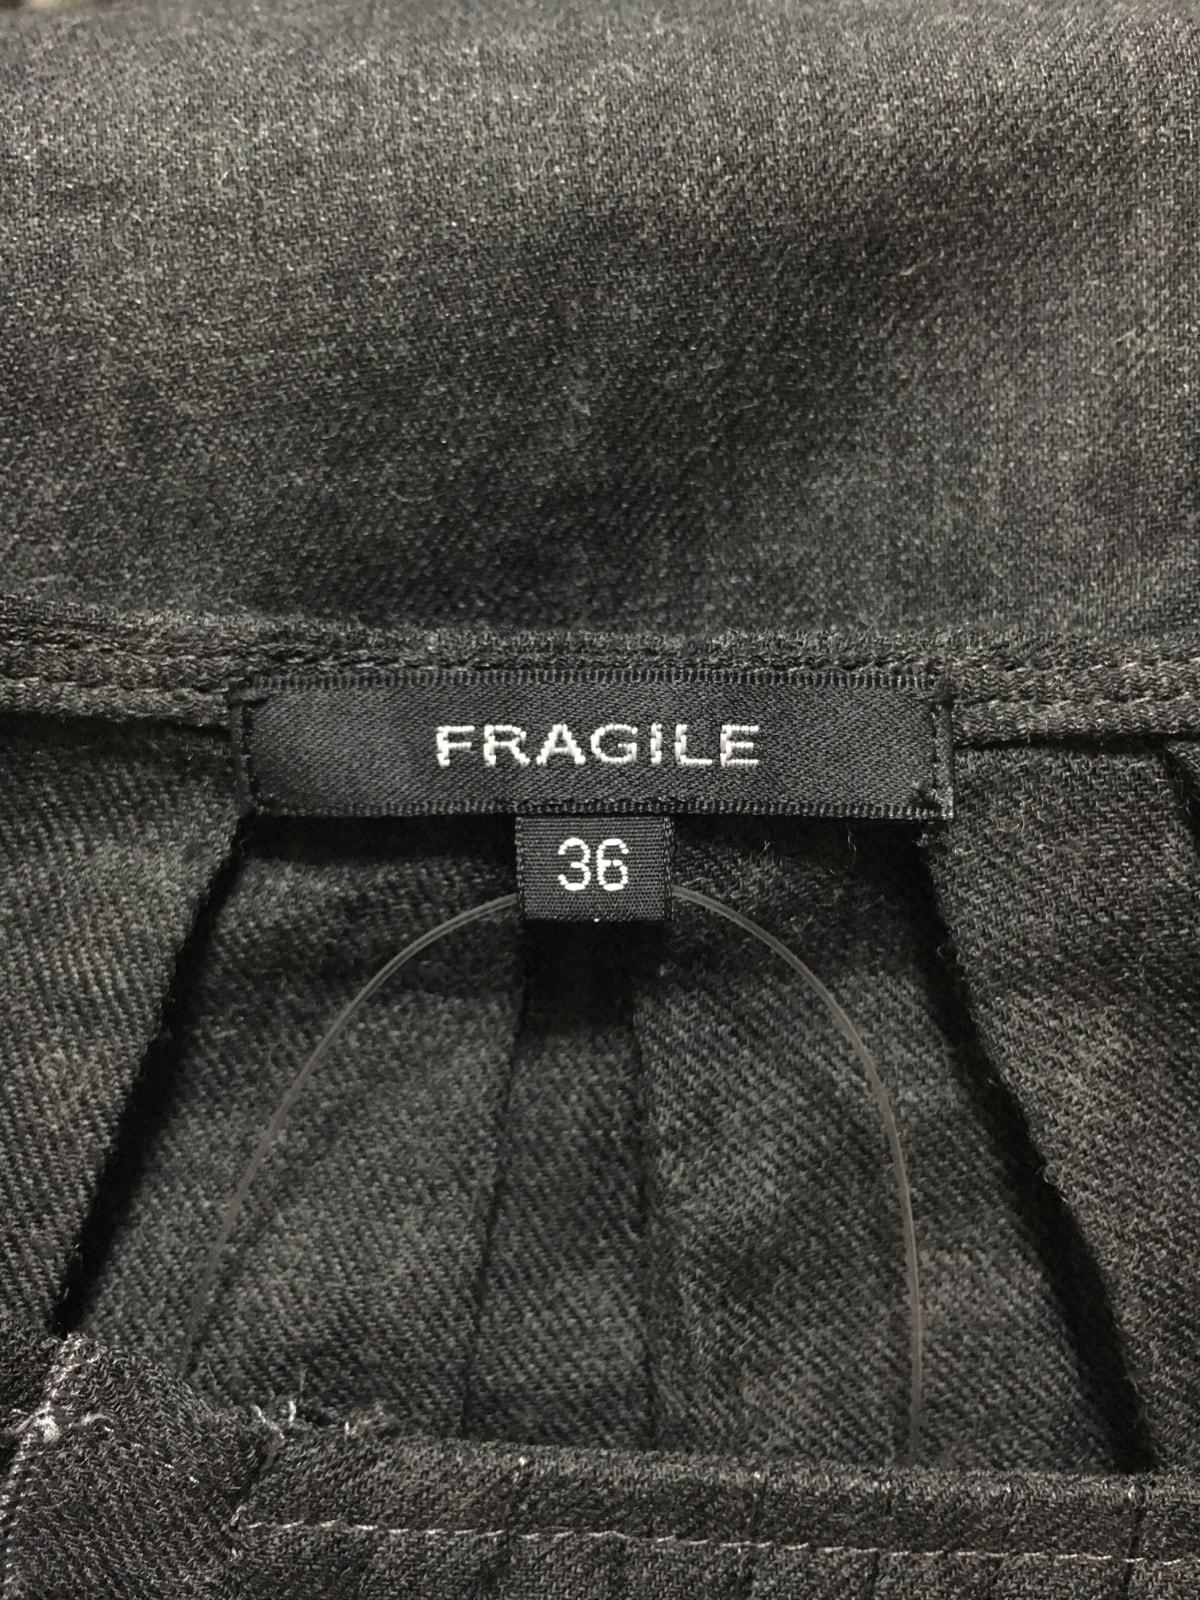 FRAGILE(フラジール)のチュニック